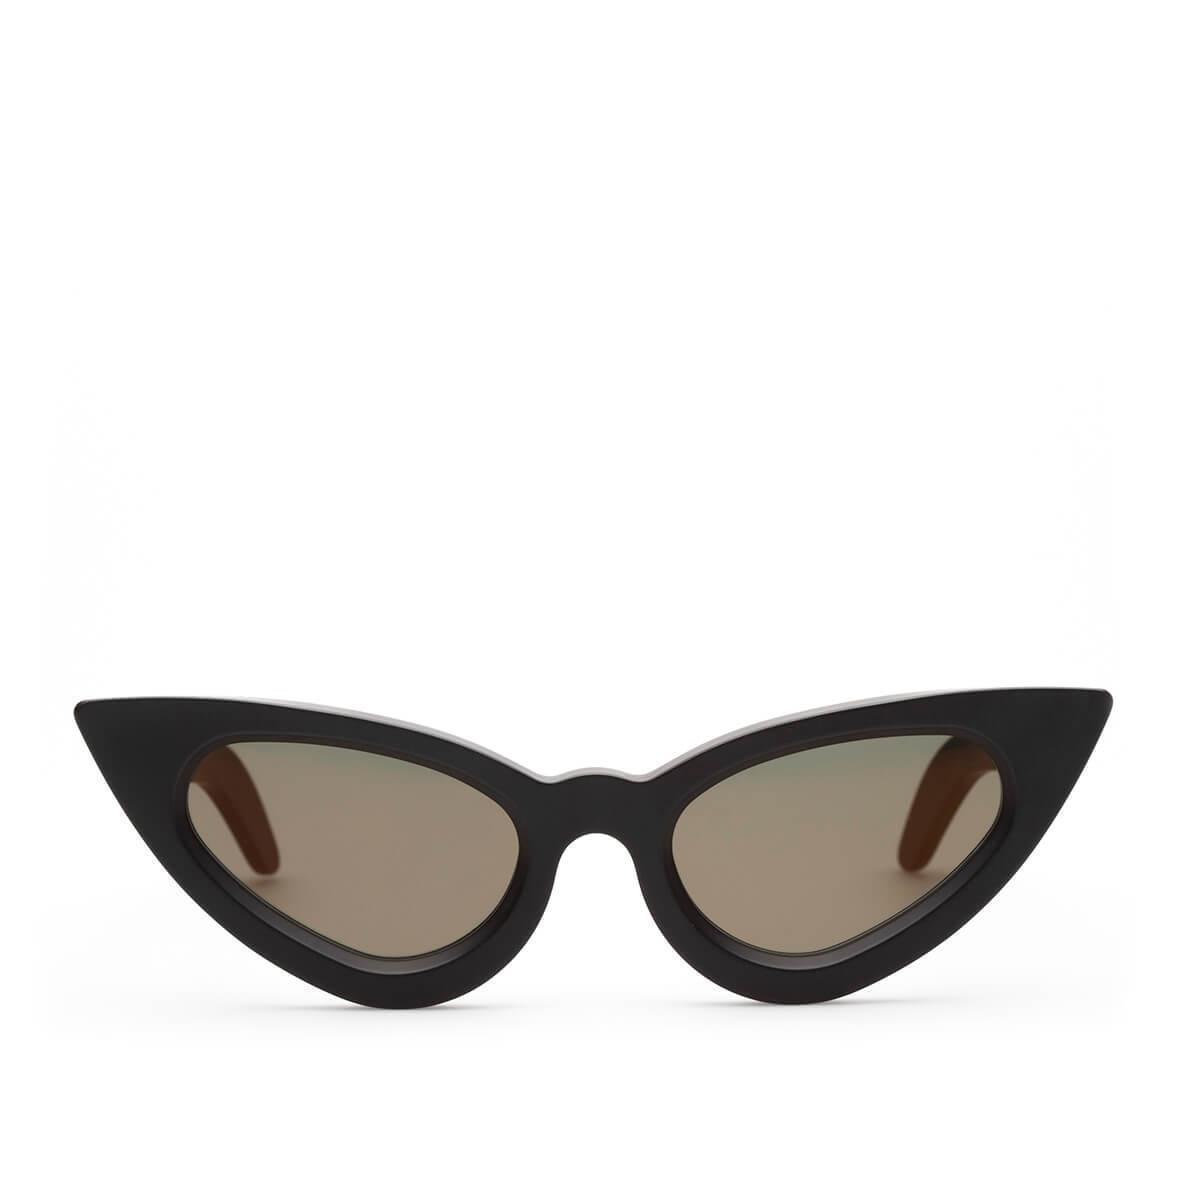 c4de628169f Kuboraum Y3 Bm Sunglasses in Black for Men - Lyst